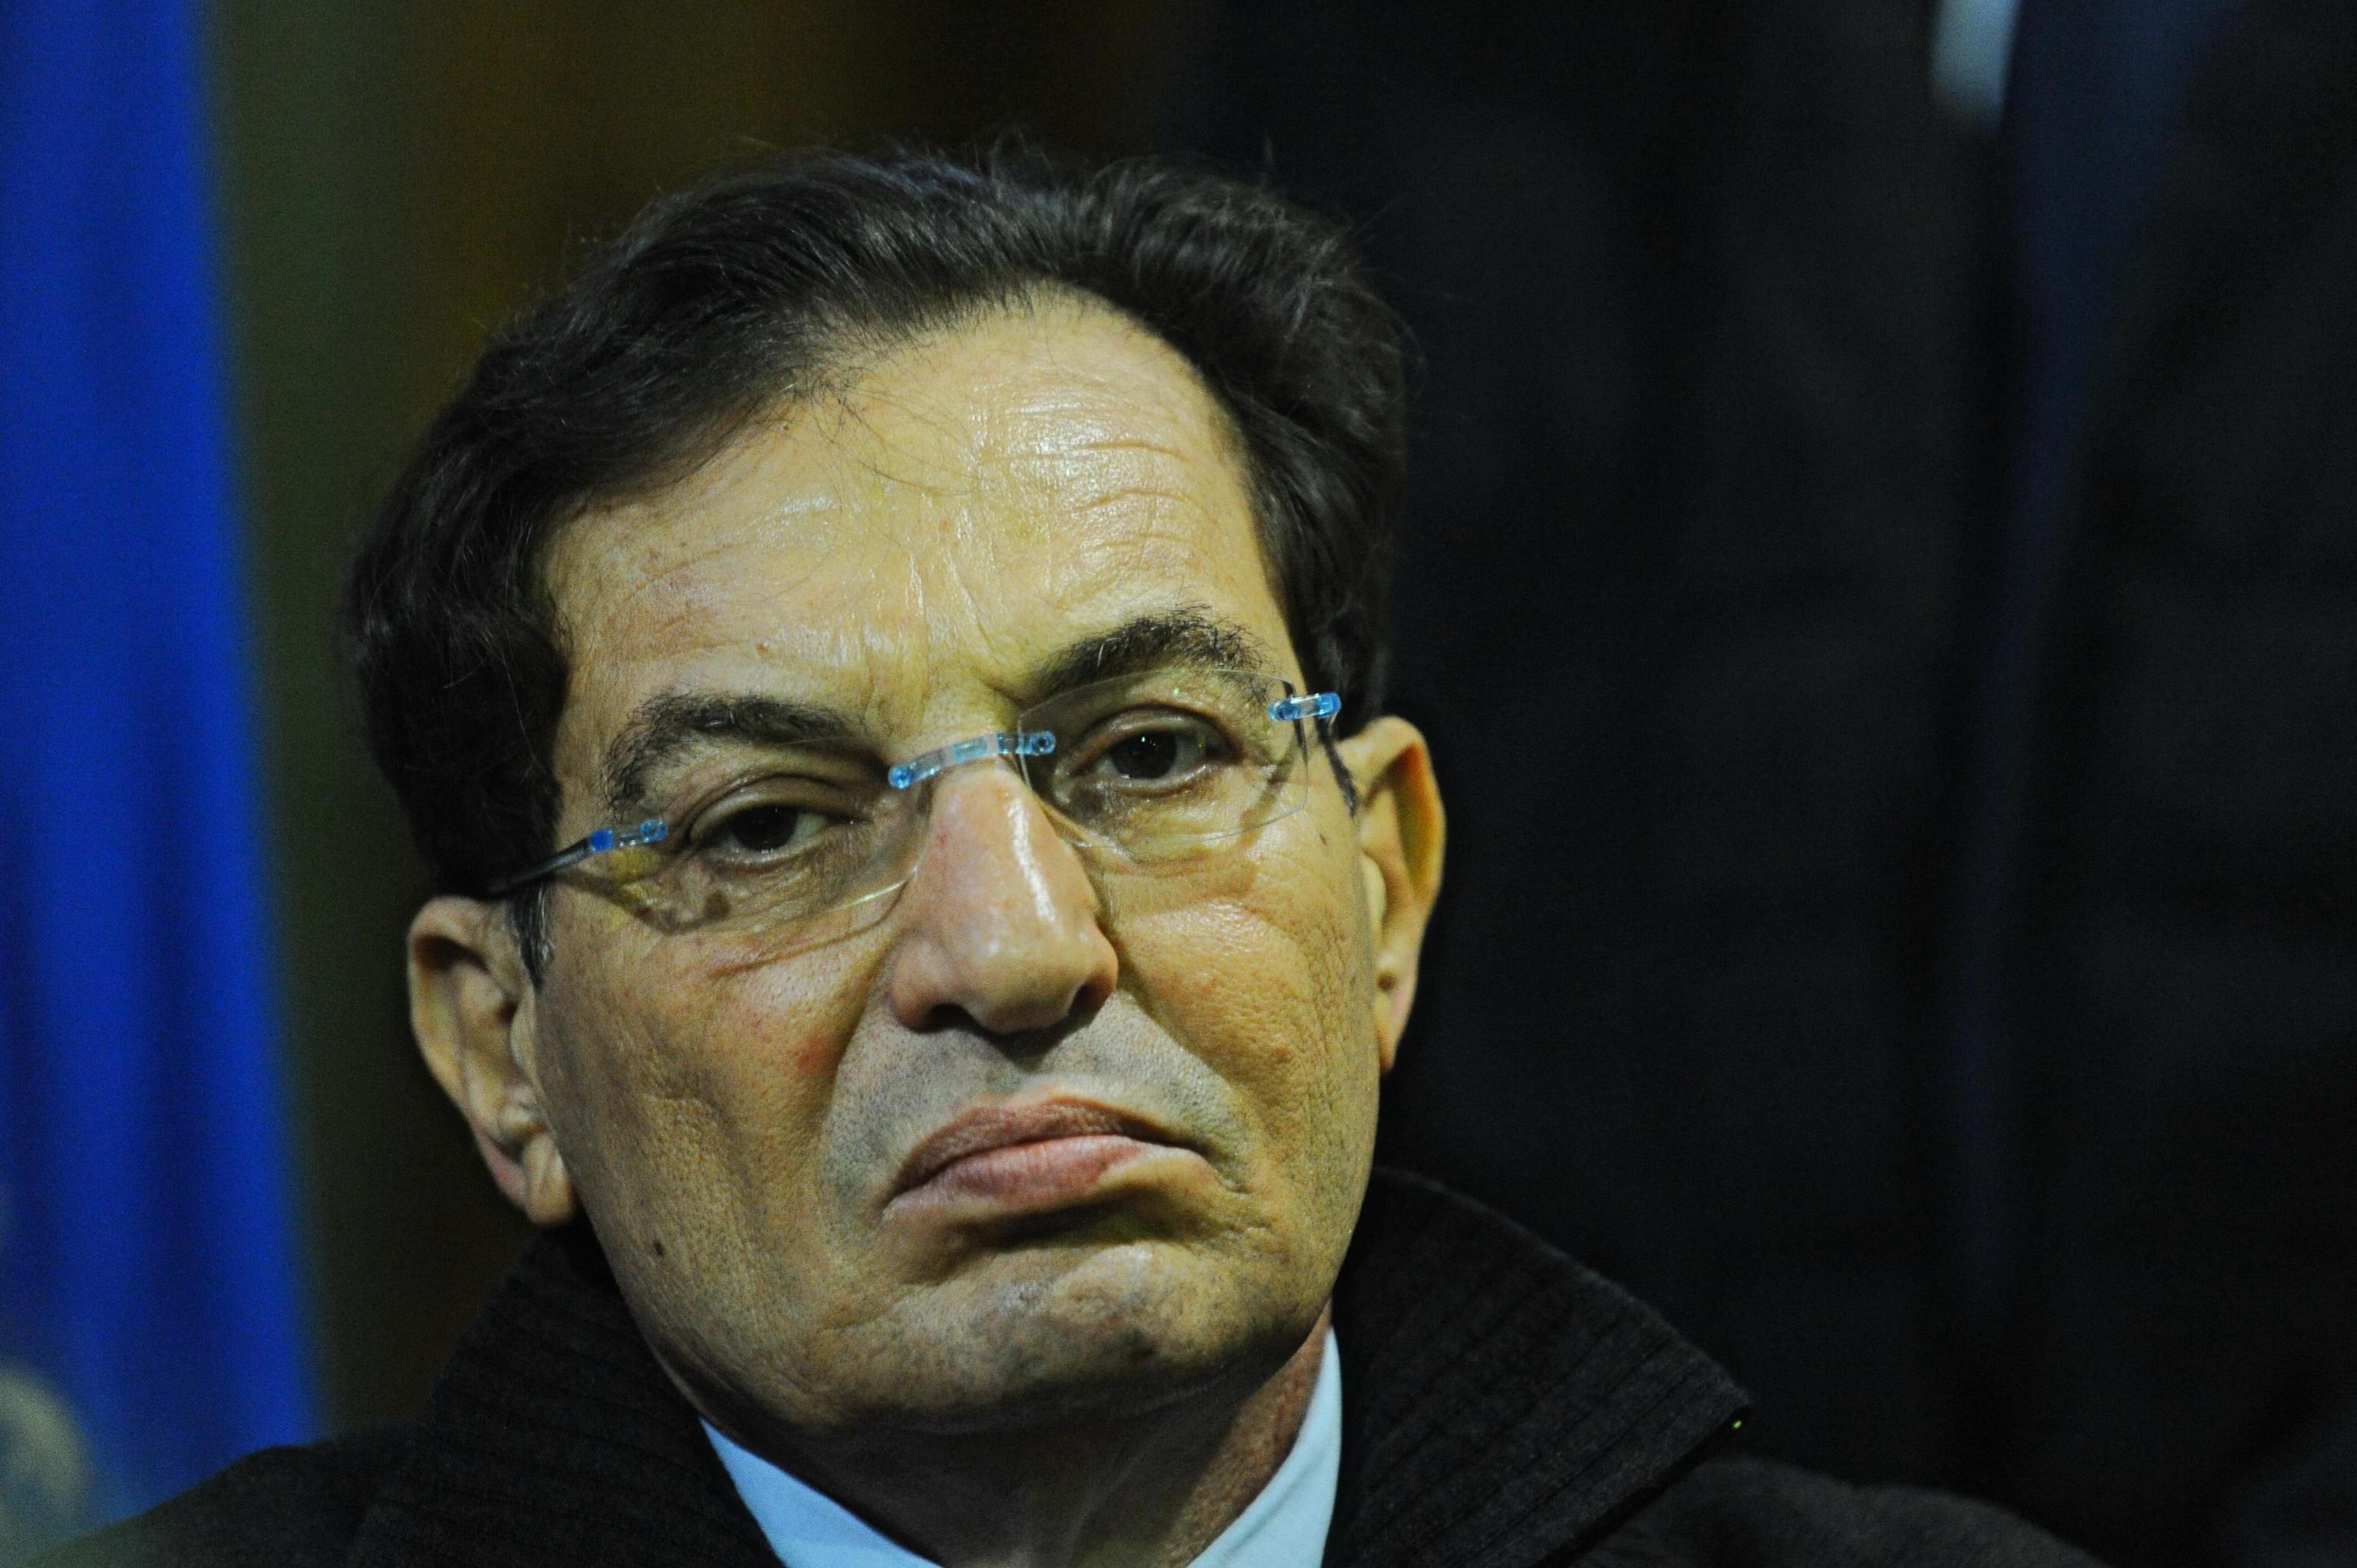 Il Presidente di Regione meno gradito d'Italia? Rosario Crocetta